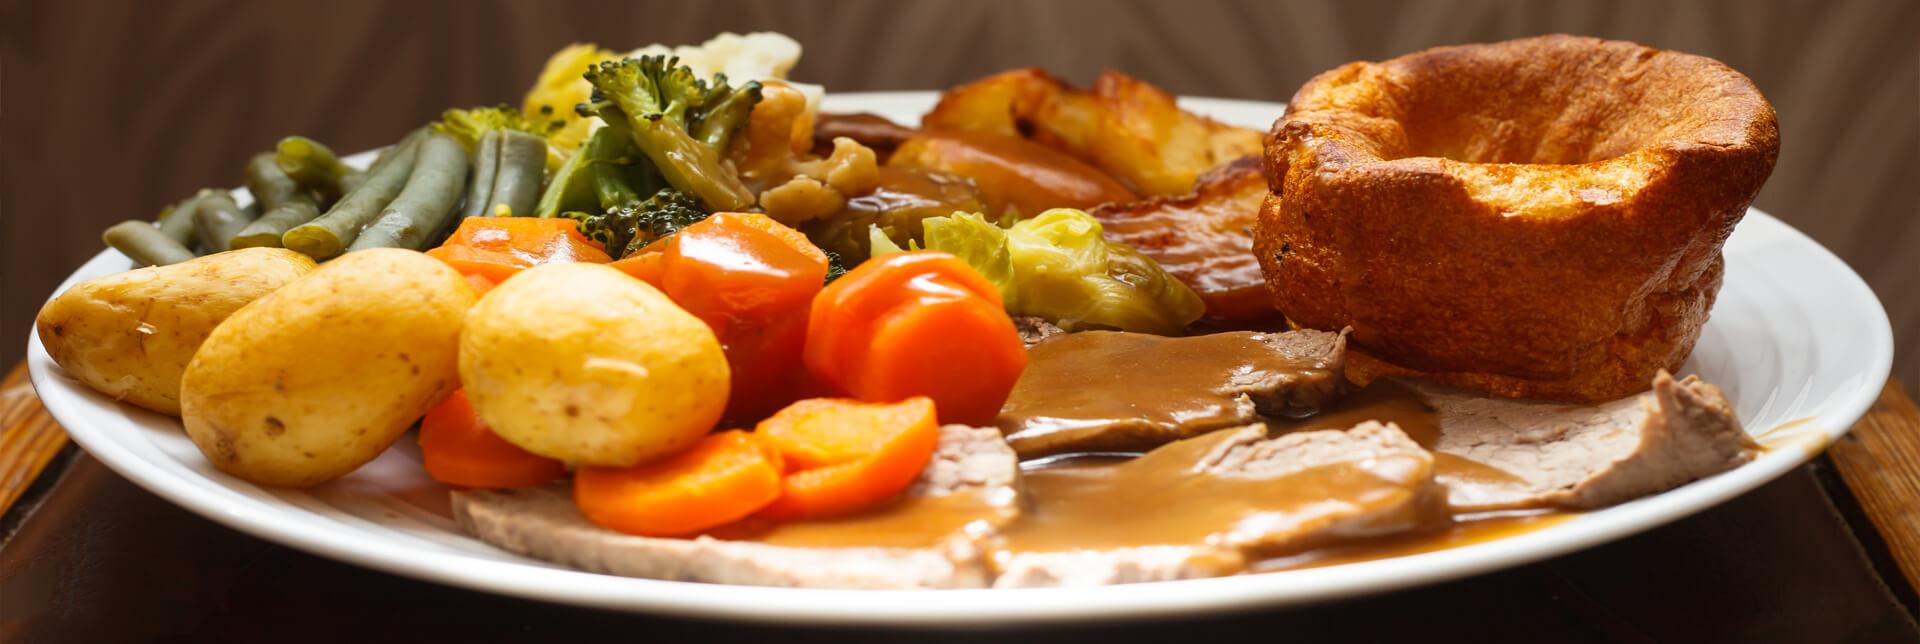 Roast dinner plate full of food